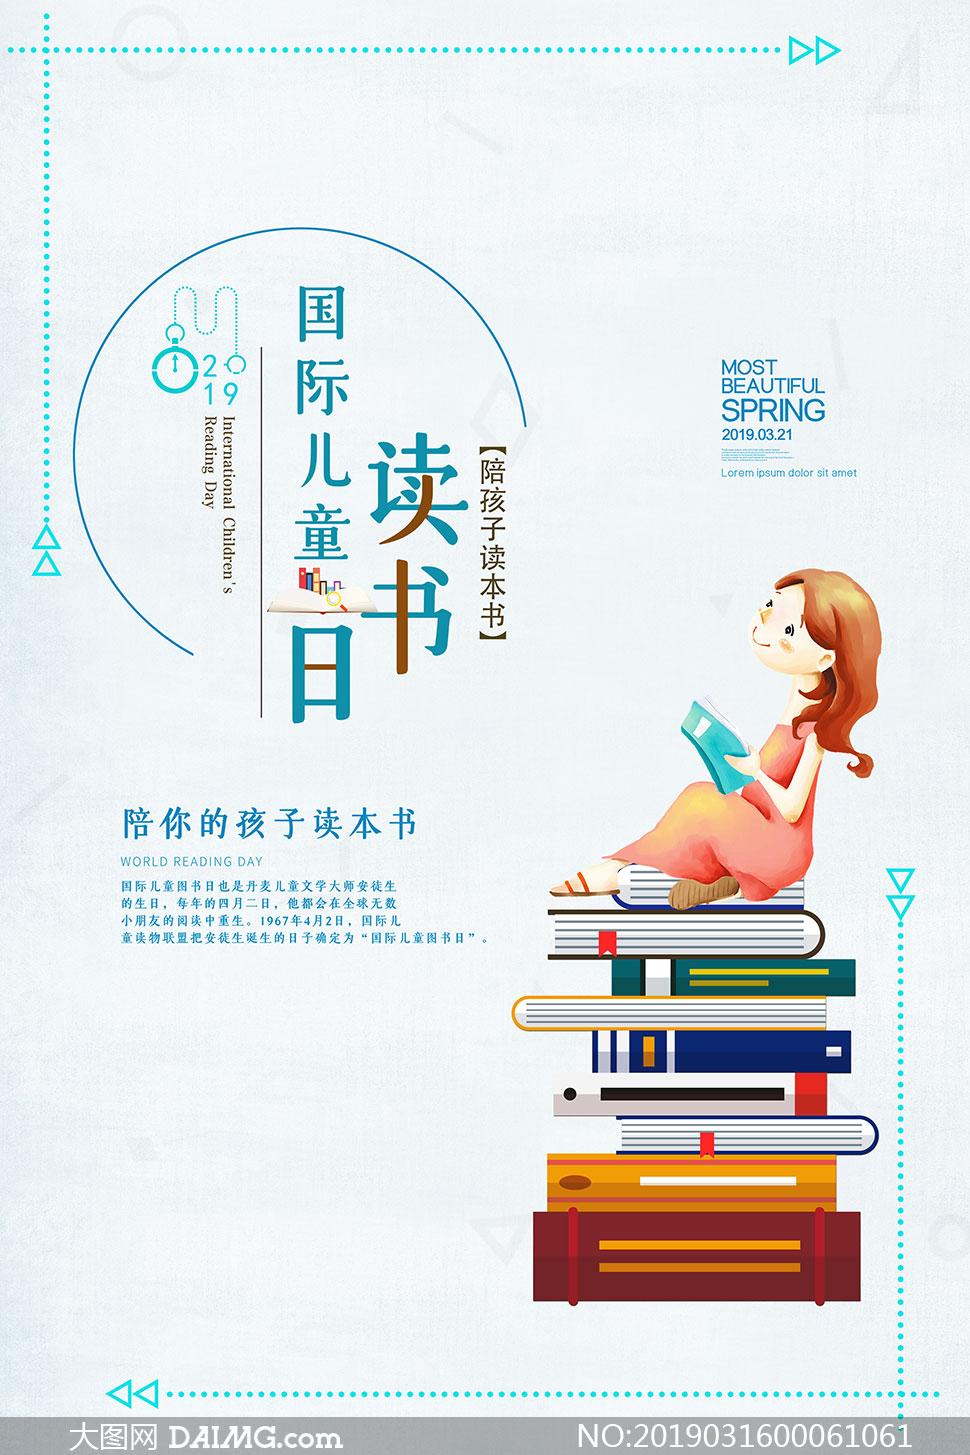 国际儿童读书日宣传海报psd素材